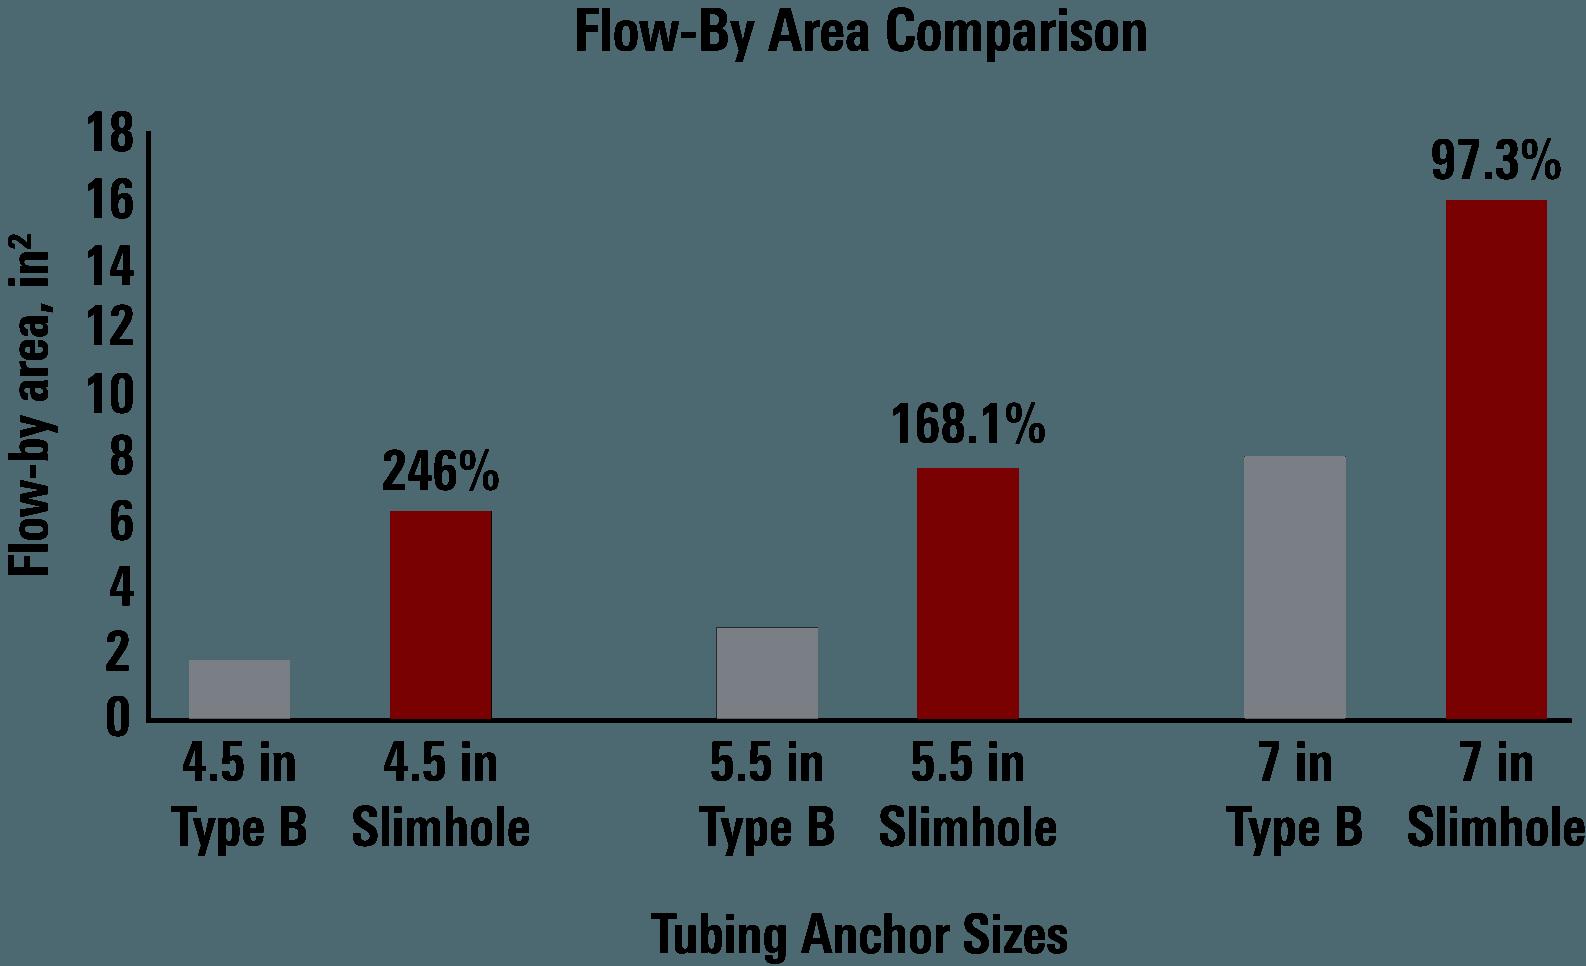 Slimhole vs Type B Flow Comparison